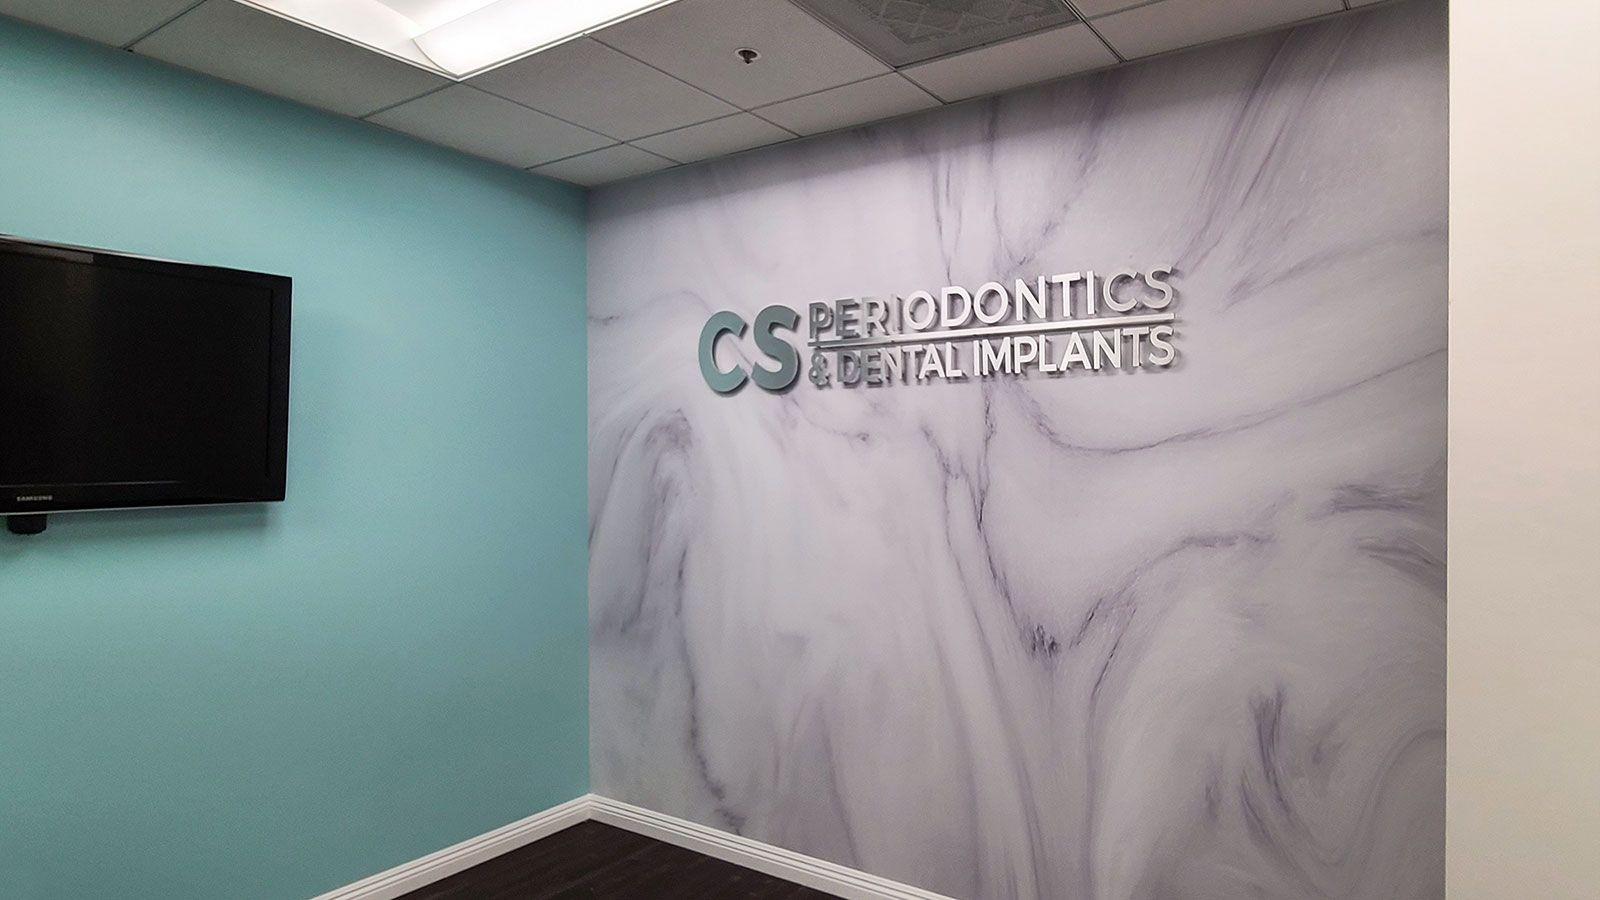 cs periodontics 3d letters